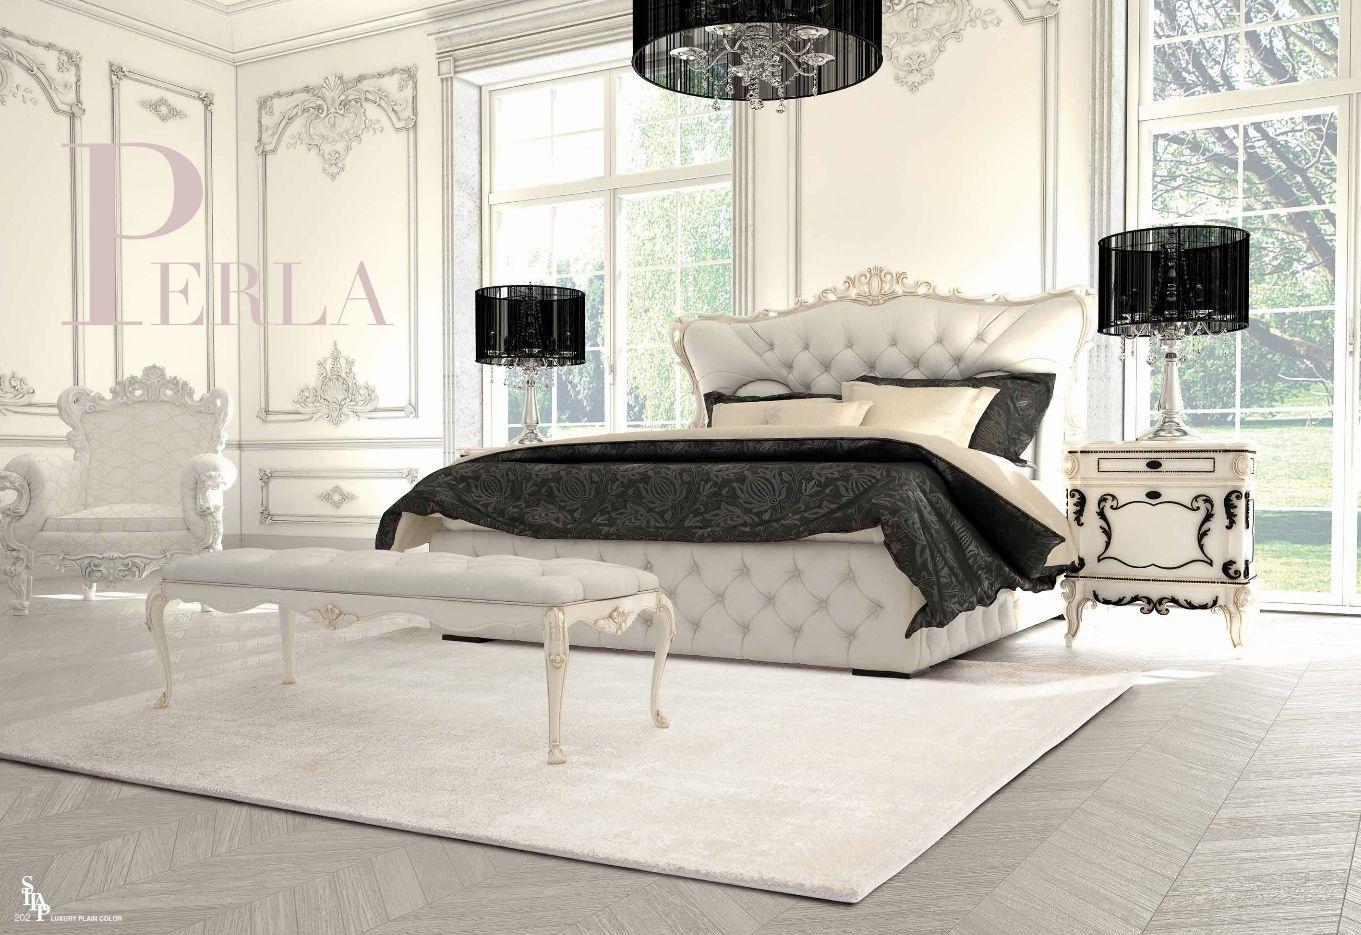 Teppiche italienische teppiche sitap perla seriedie m bel aus italien - Italienische designer wandspiegel ...